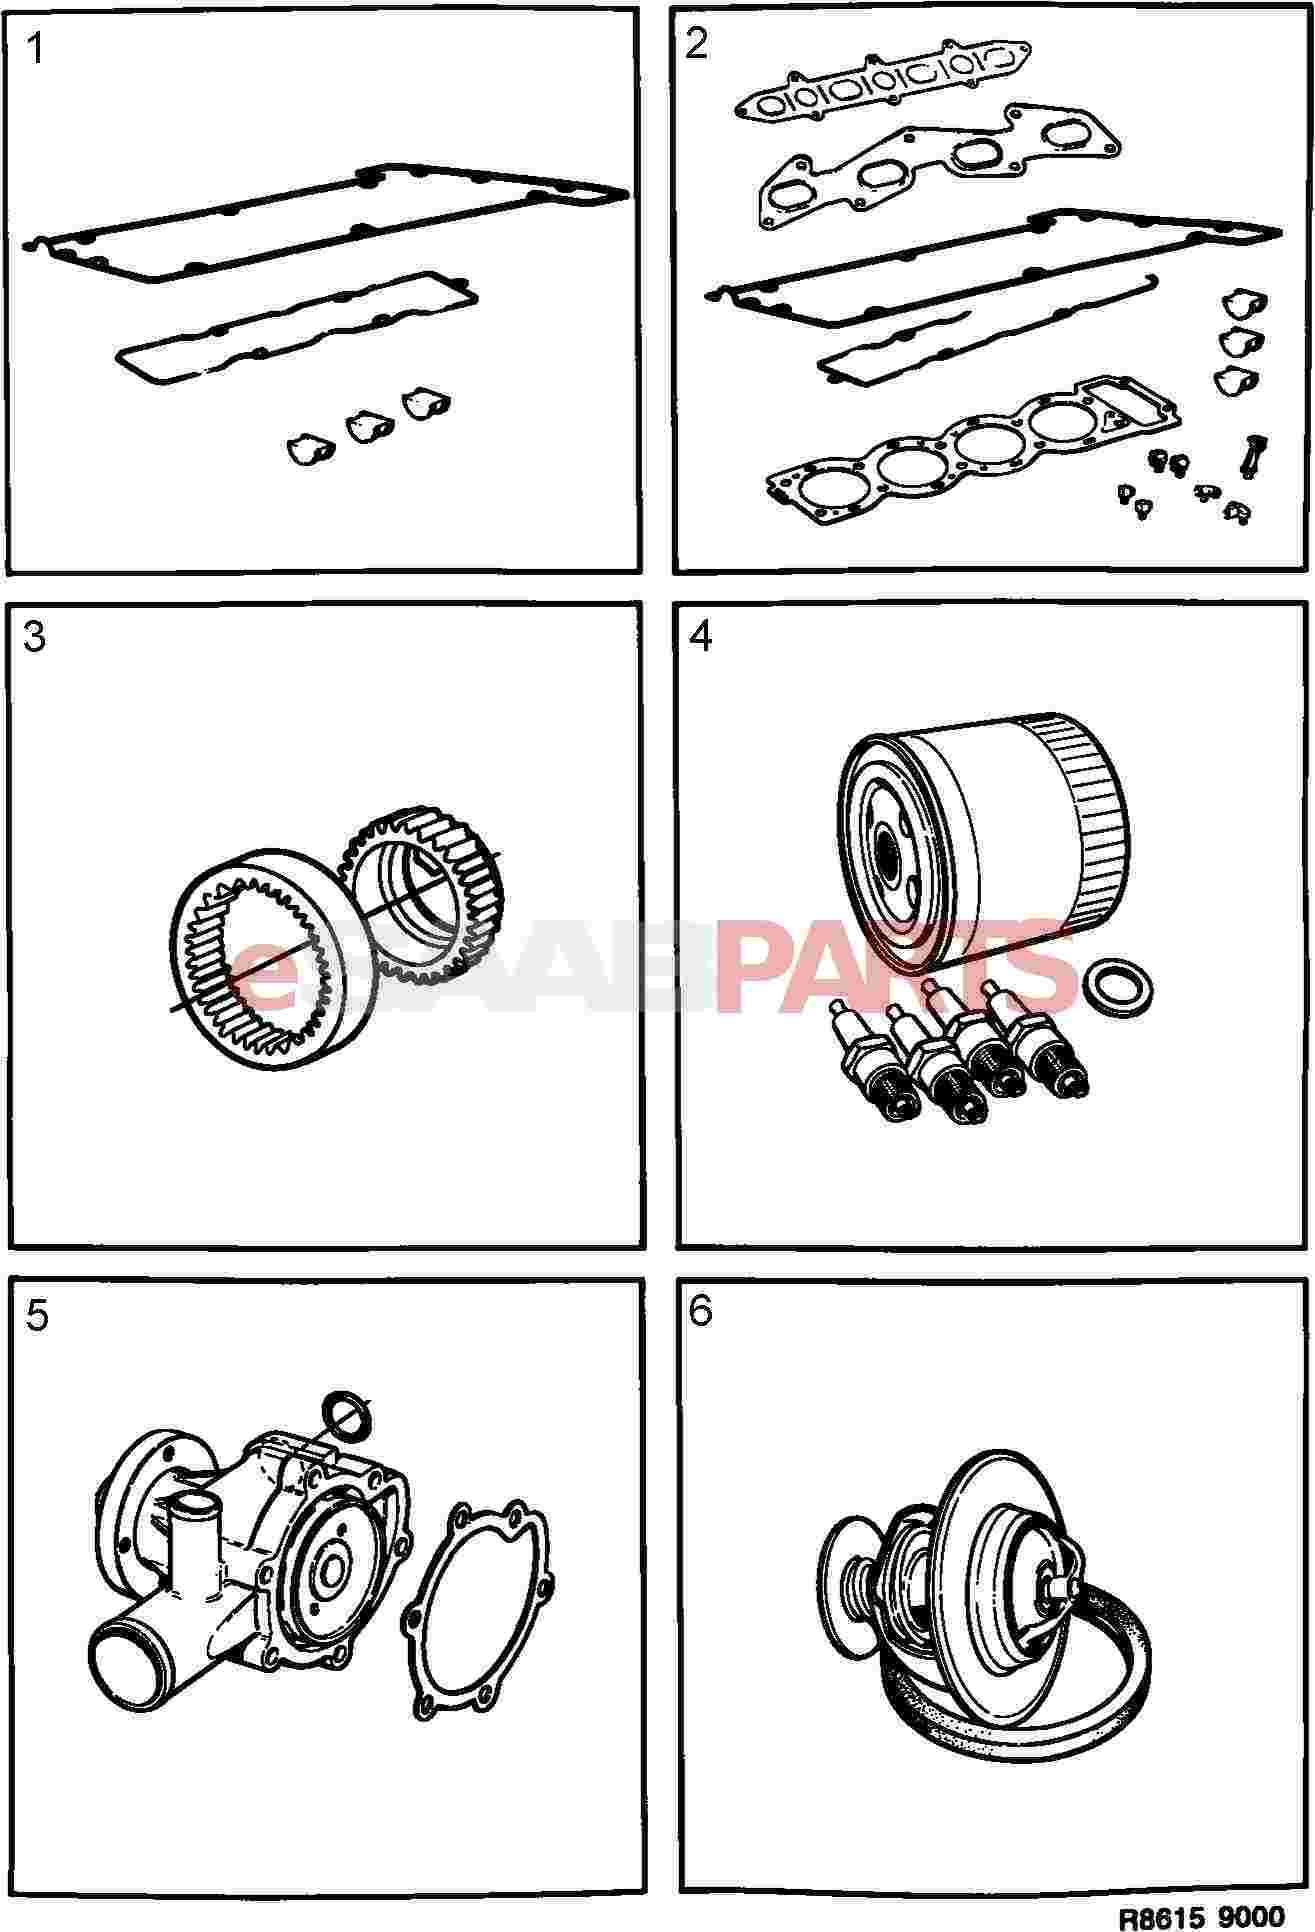 Showthread additionally Ej253 Engine Diagram likewise  on subaru ej20 firing order diagram with 4 cylinder